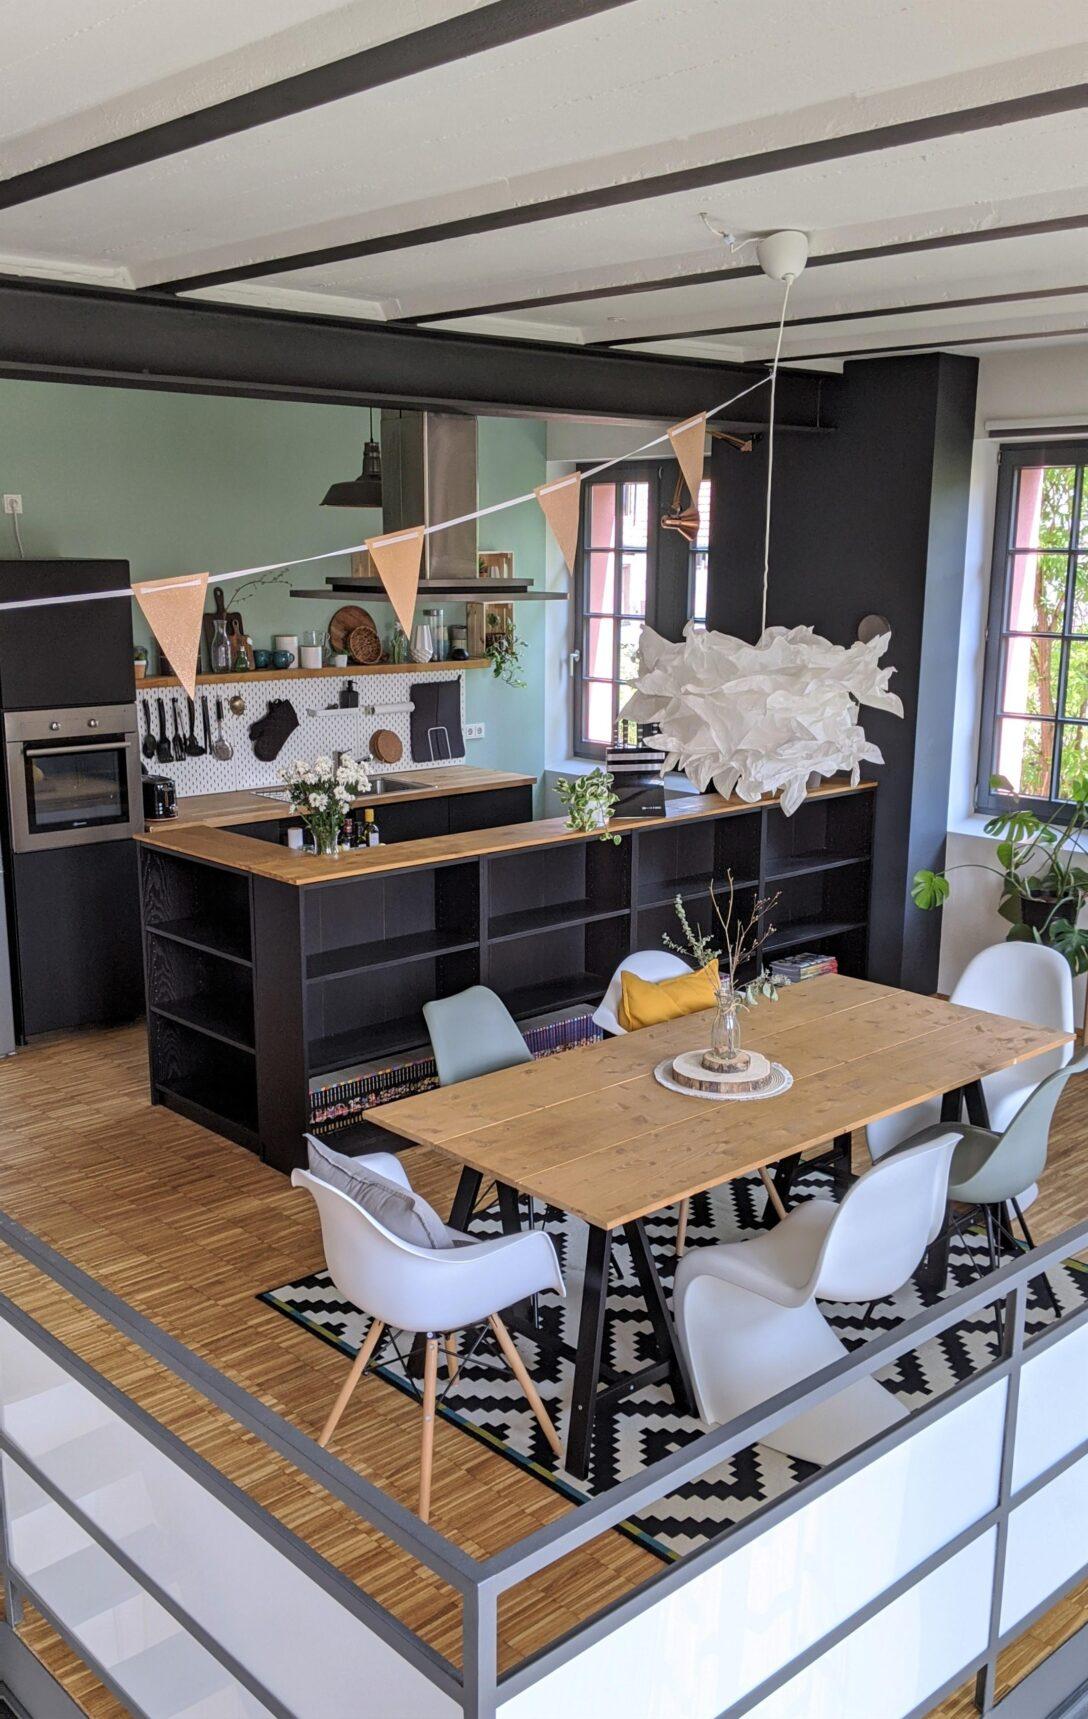 Large Size of Ikea Küchen Hacks So Machst Du Deine Mbel Zu Einzelstcken Betten 160x200 Miniküche Küche Kosten Bei Kaufen Regal Modulküche Sofa Mit Schlaffunktion Wohnzimmer Ikea Küchen Hacks